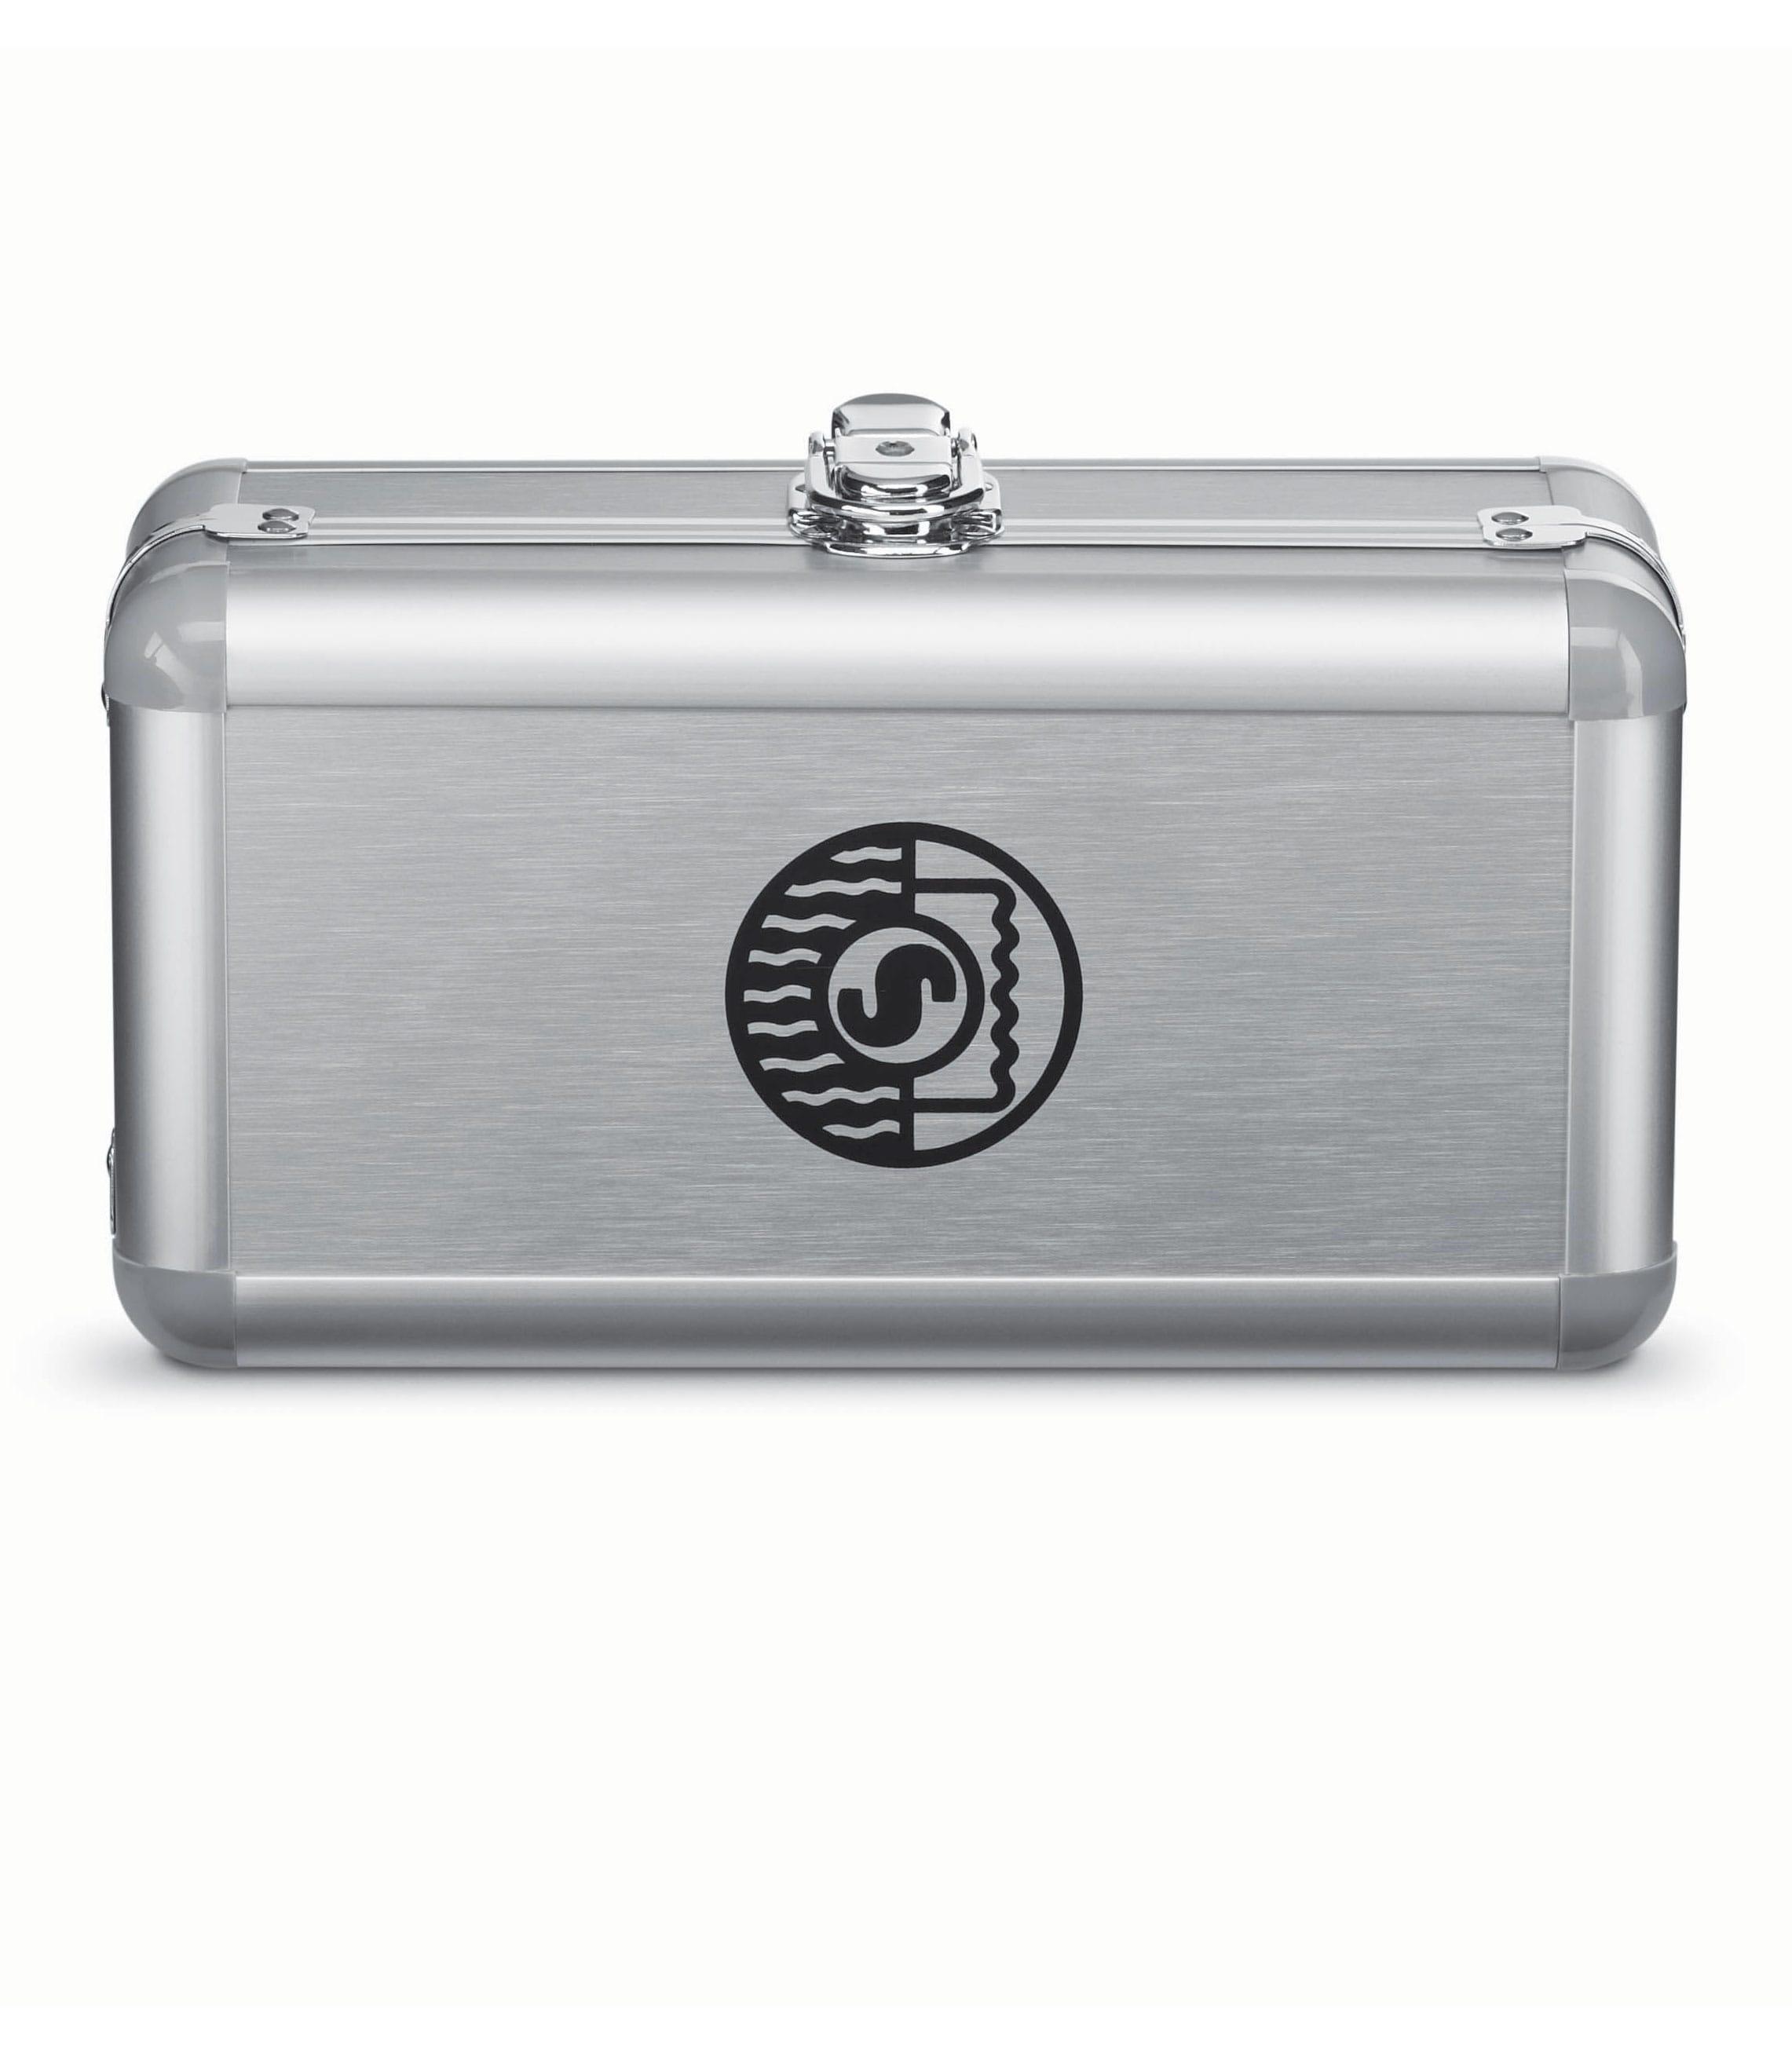 KSM9 SL - Buy Online